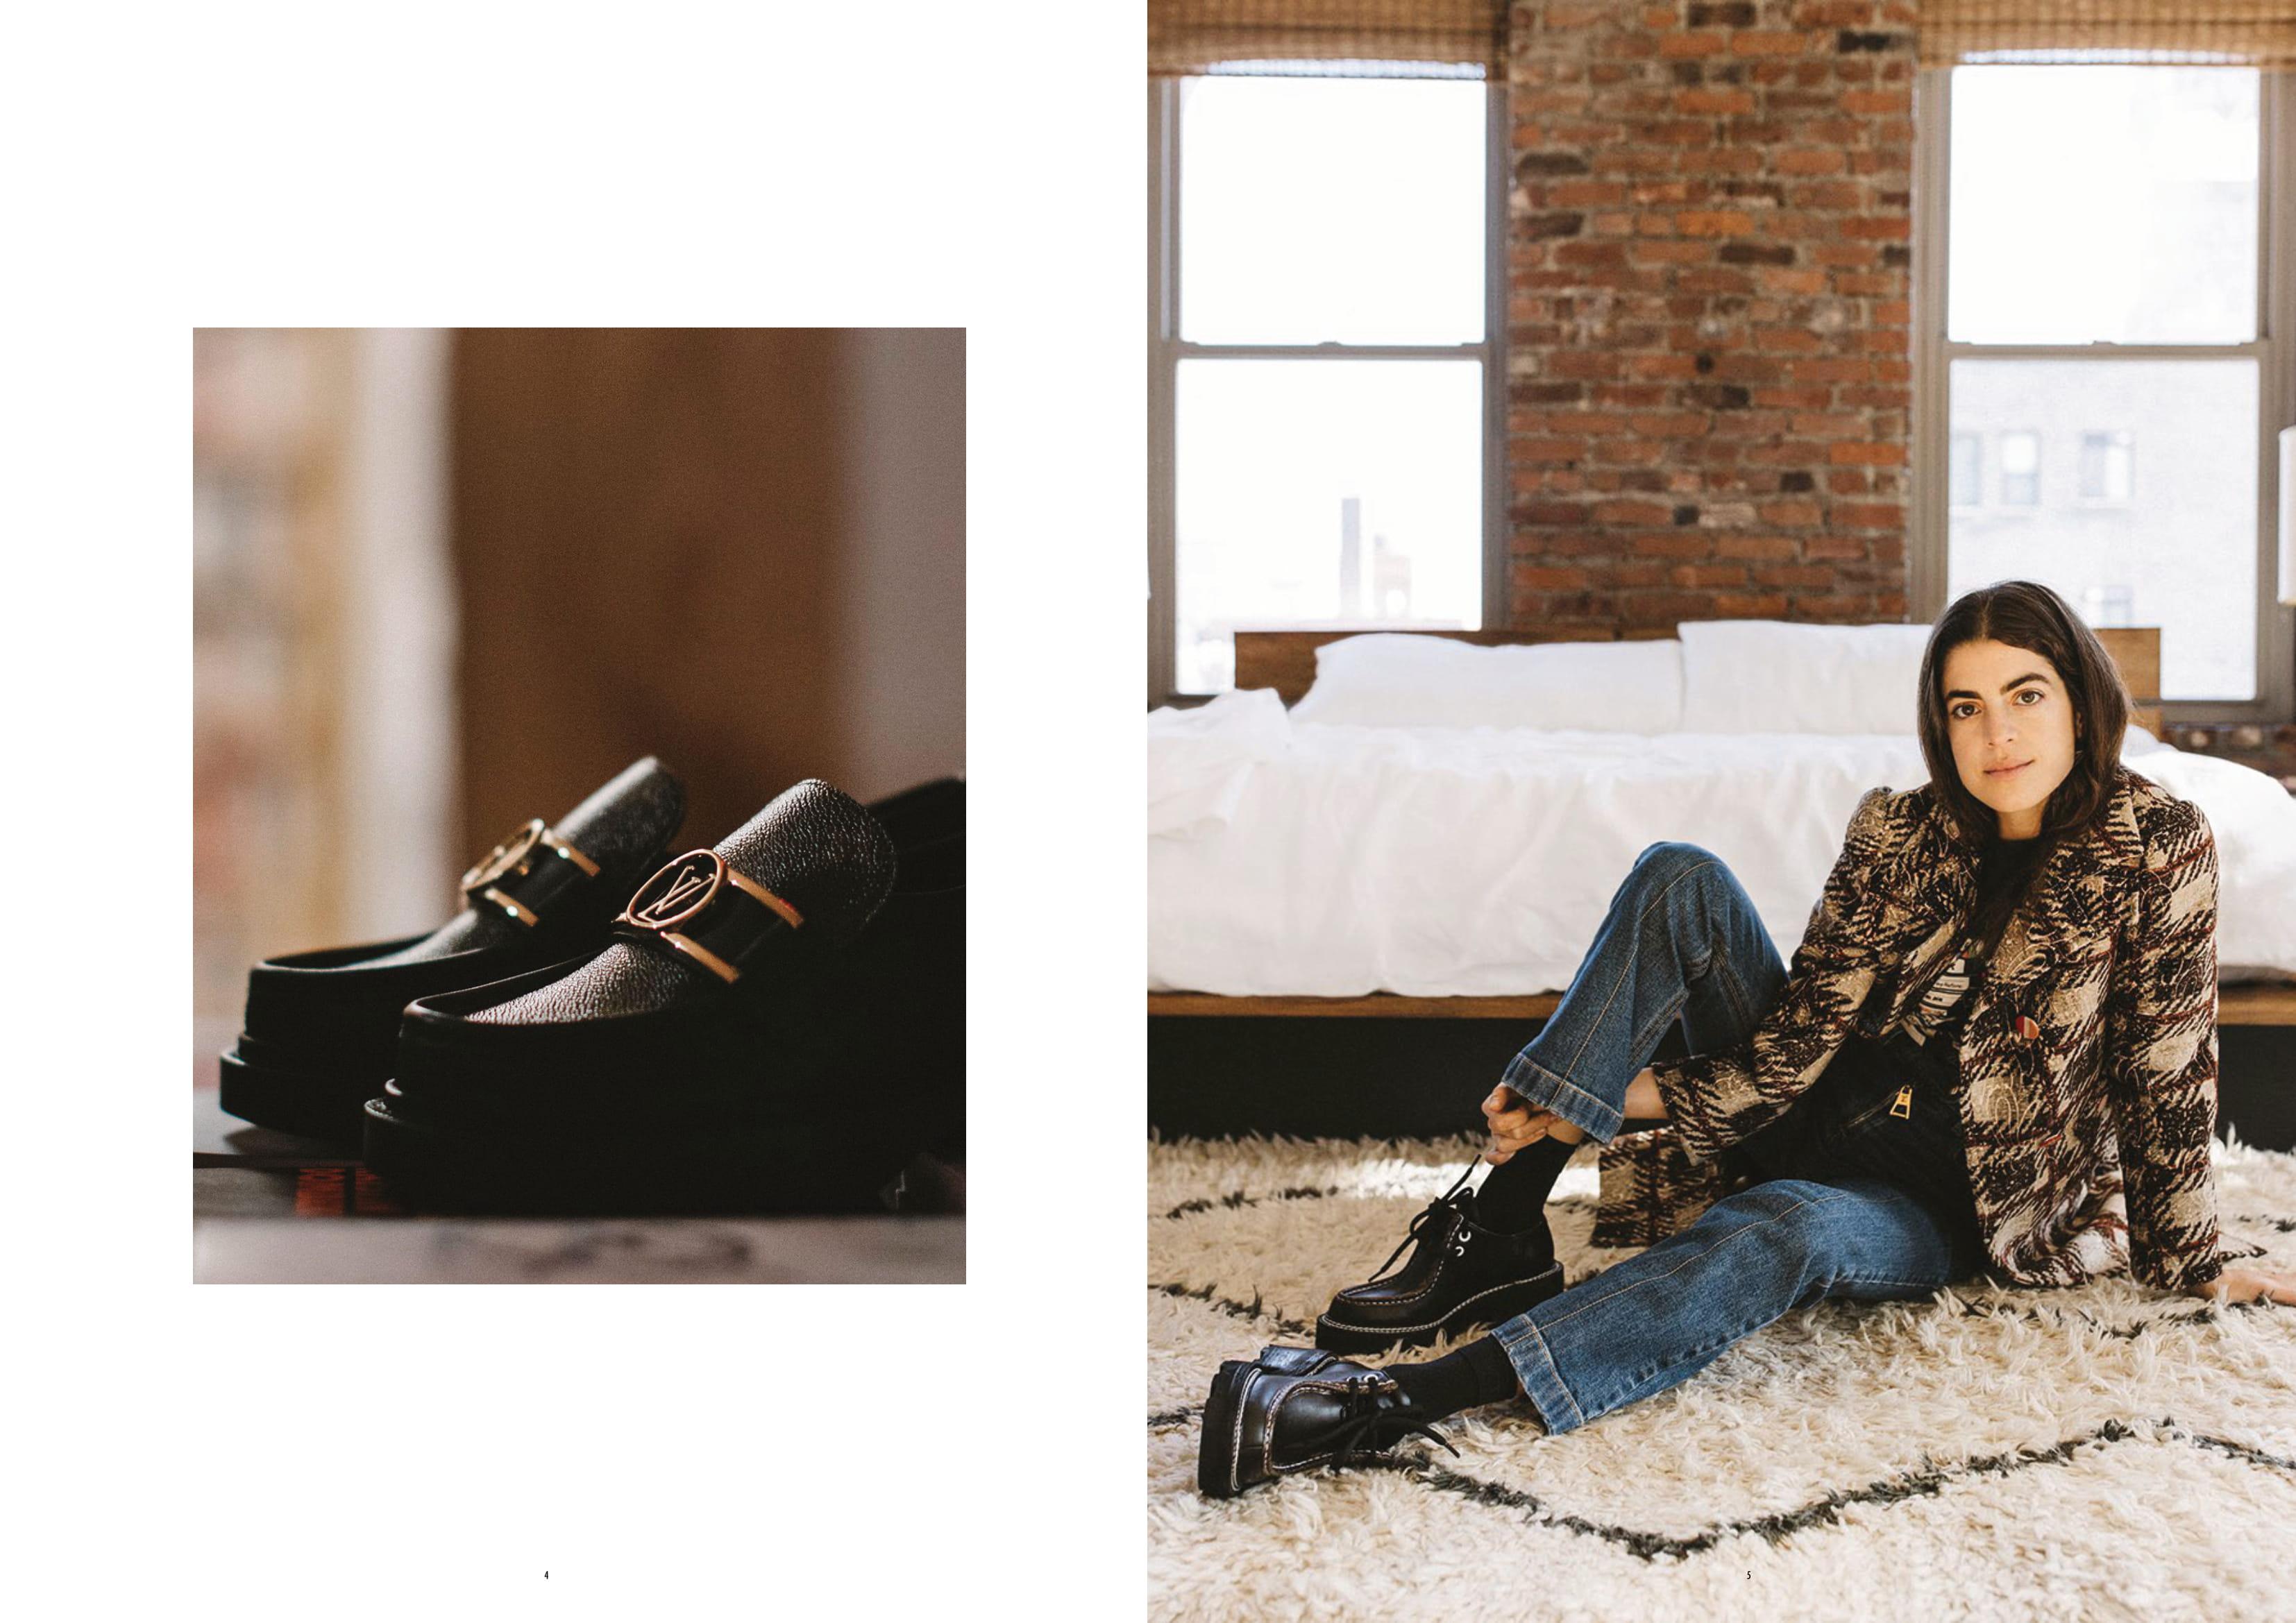 tin thời trang giày lười academy và giày platform lv beubourg louis vuitton xuân hè 2020